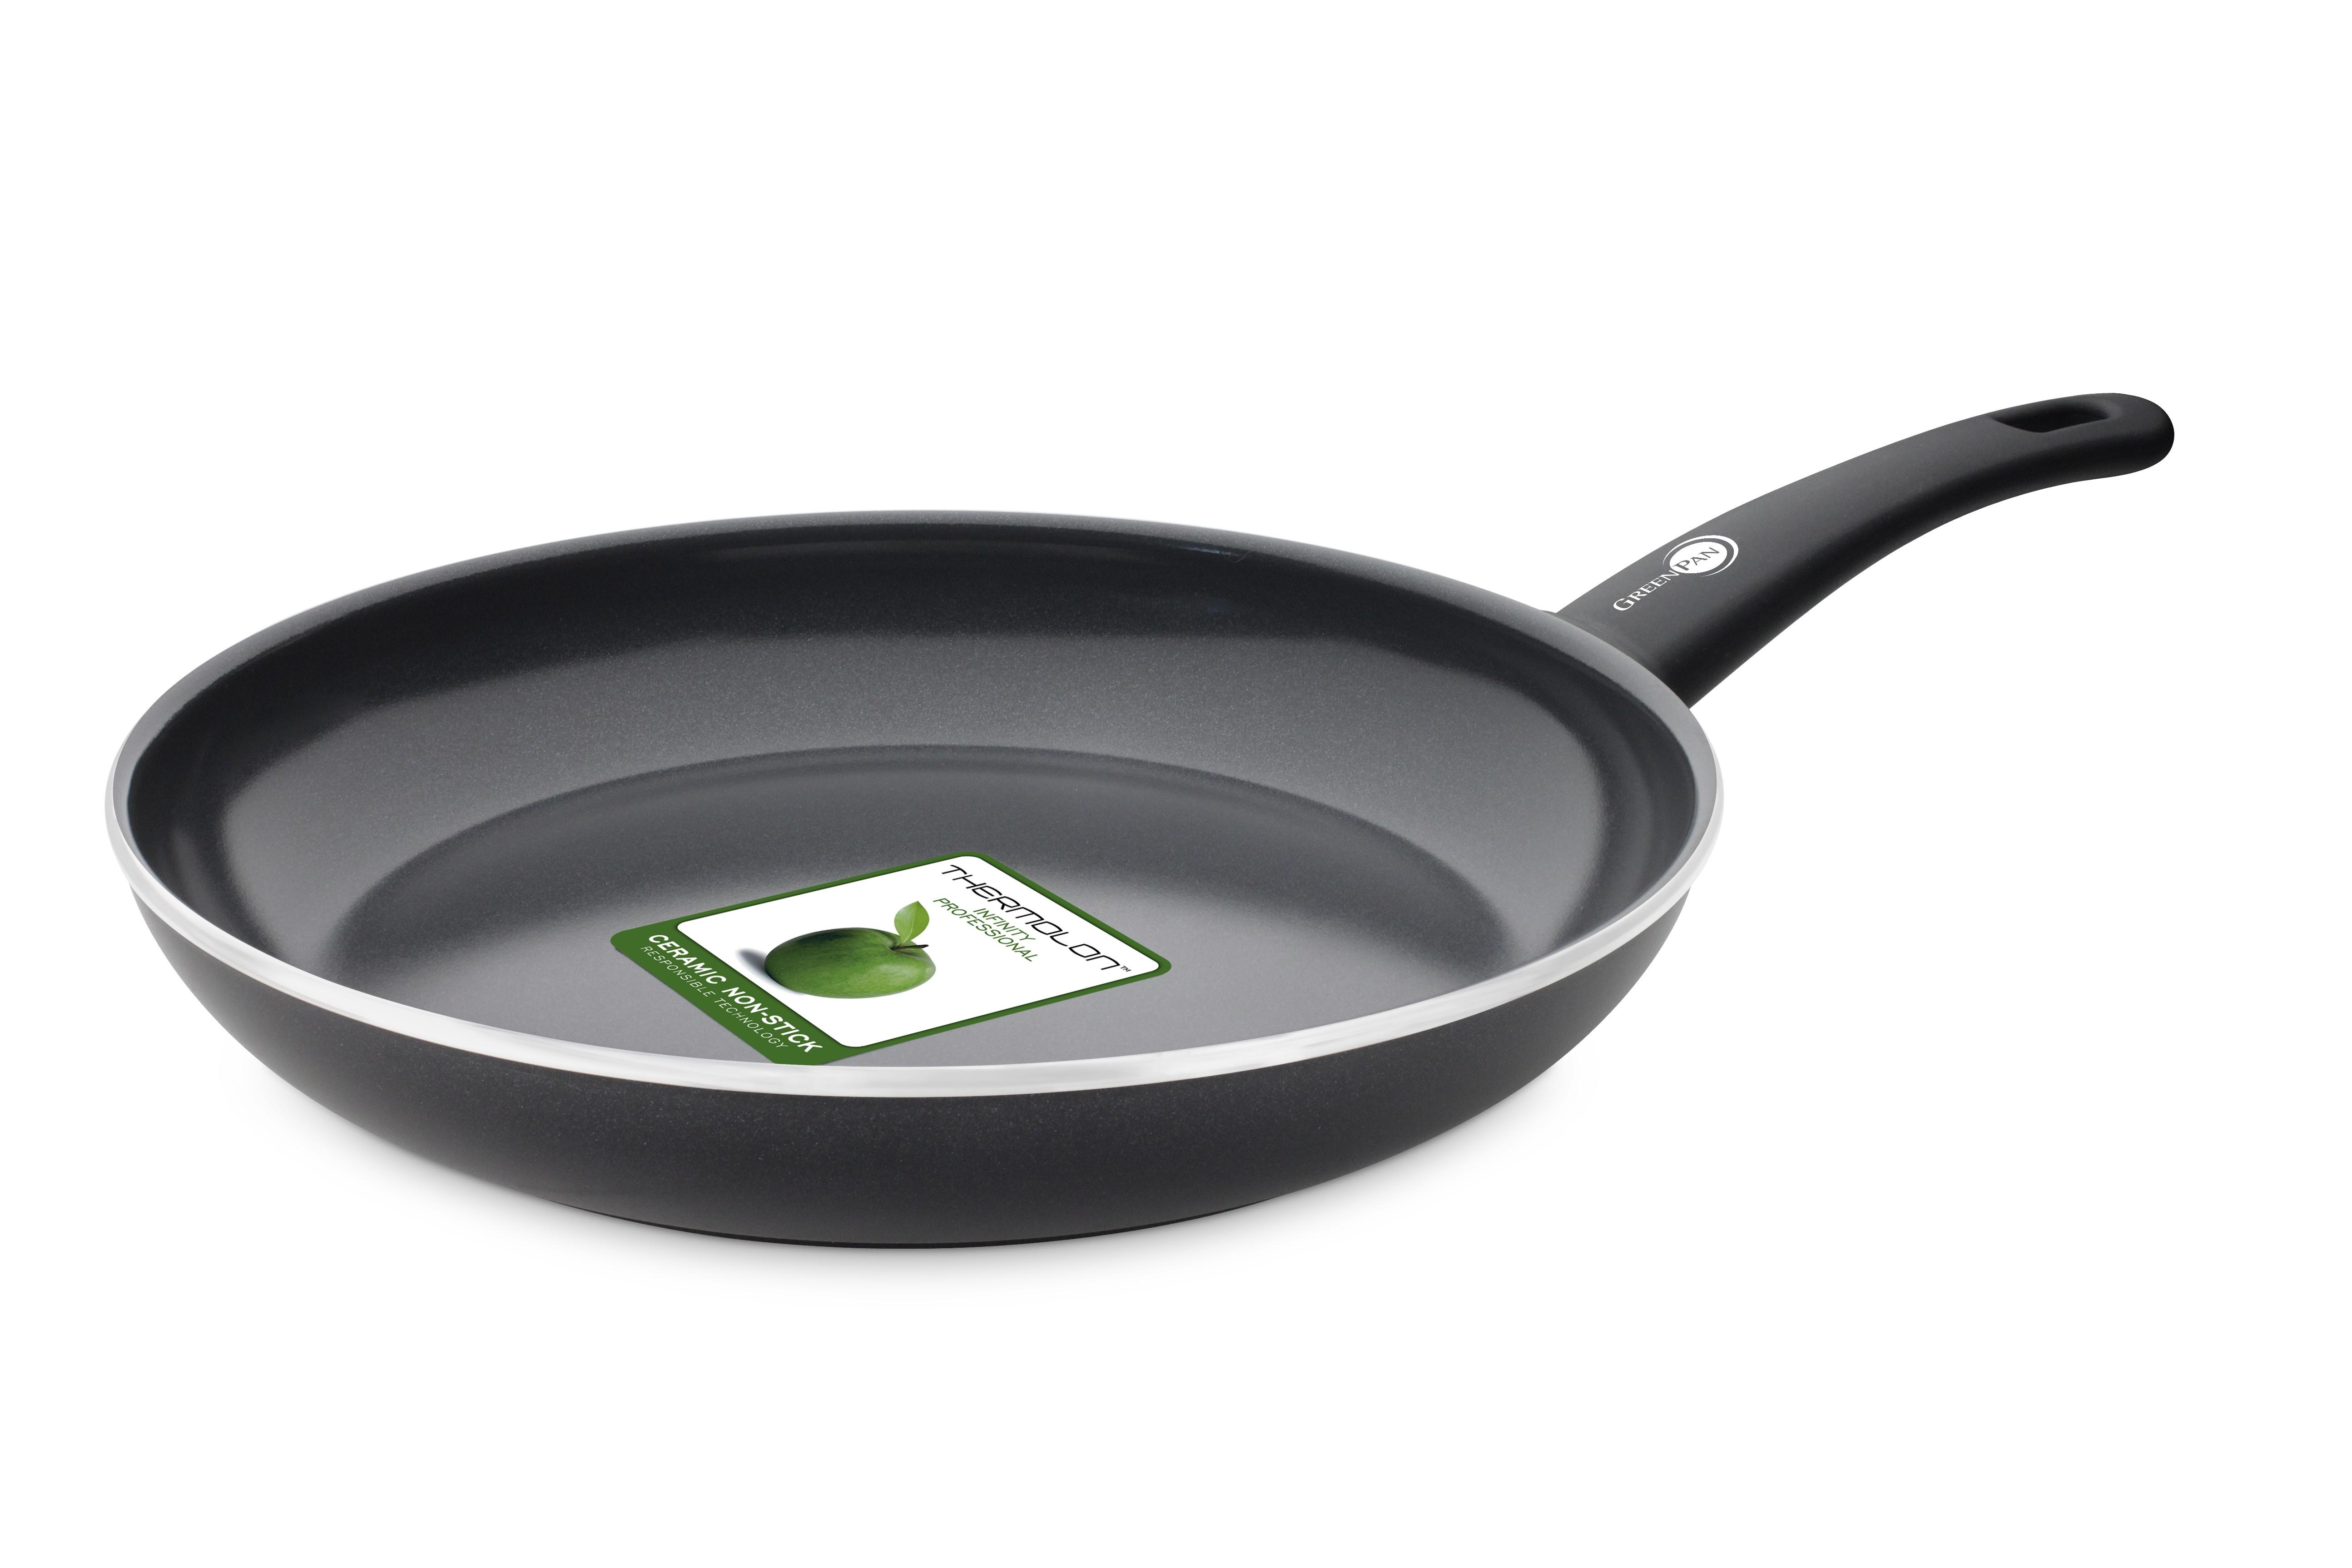 Τηγάνι Green Pan 28cm Infinity Κεραμικό home   σκευη μαγειρικης   τηγάνια